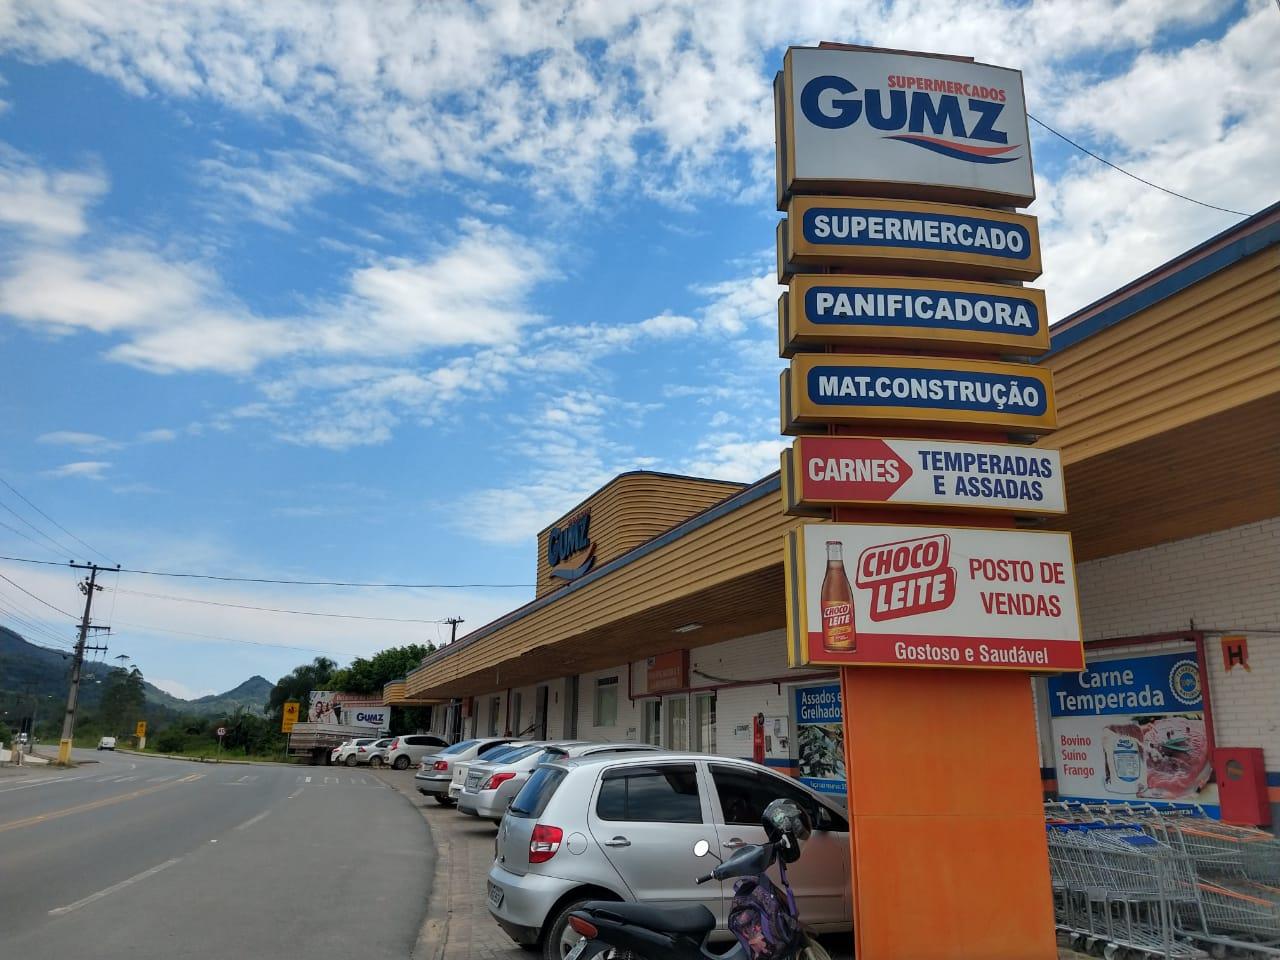 Foto divulgação | Supermercado Gumz